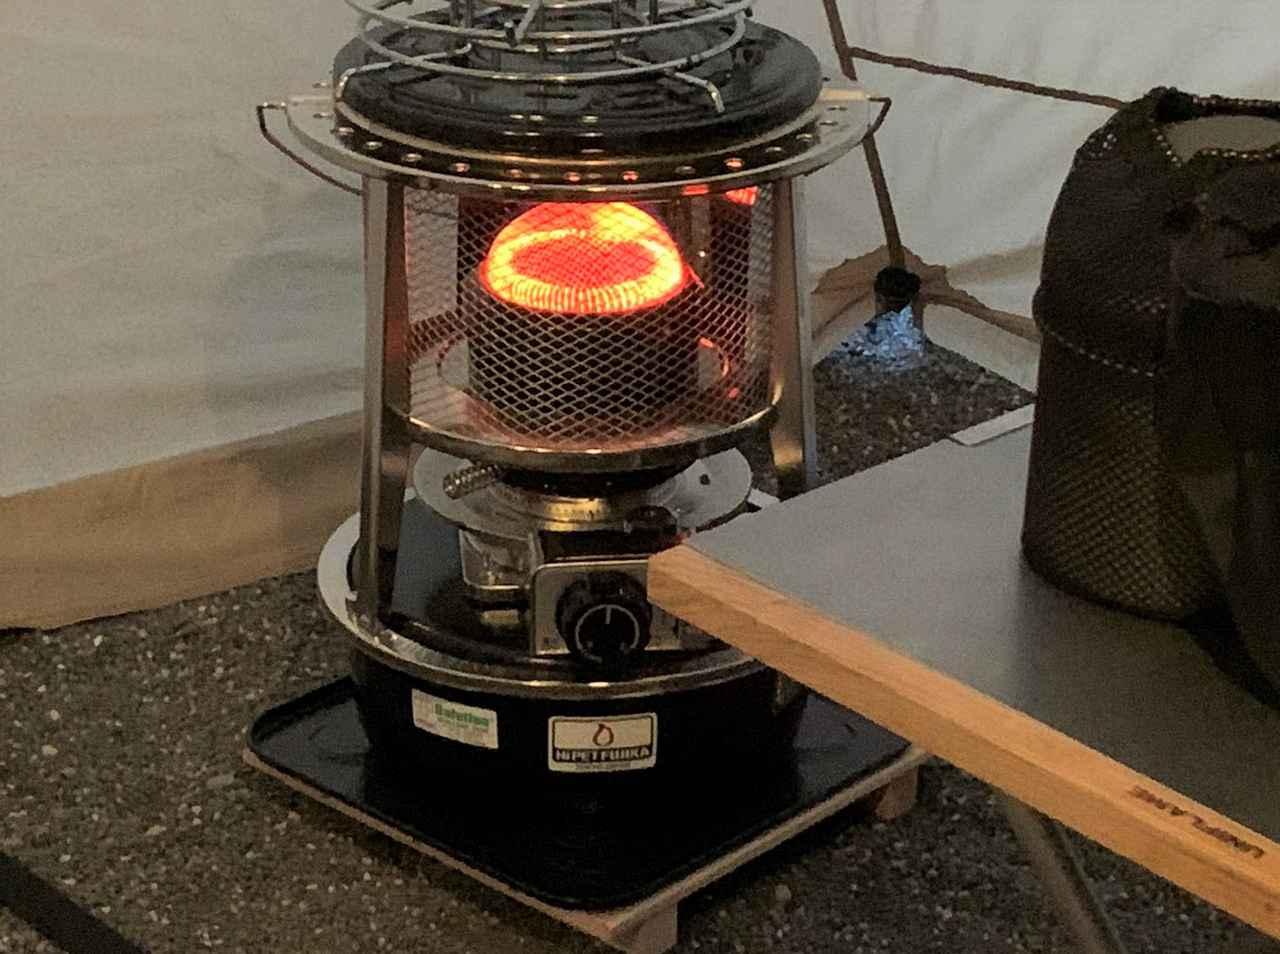 画像: 【ポイント2】テント内外で使えるストーブは冬キャンプでは重宝するが、過信は禁物